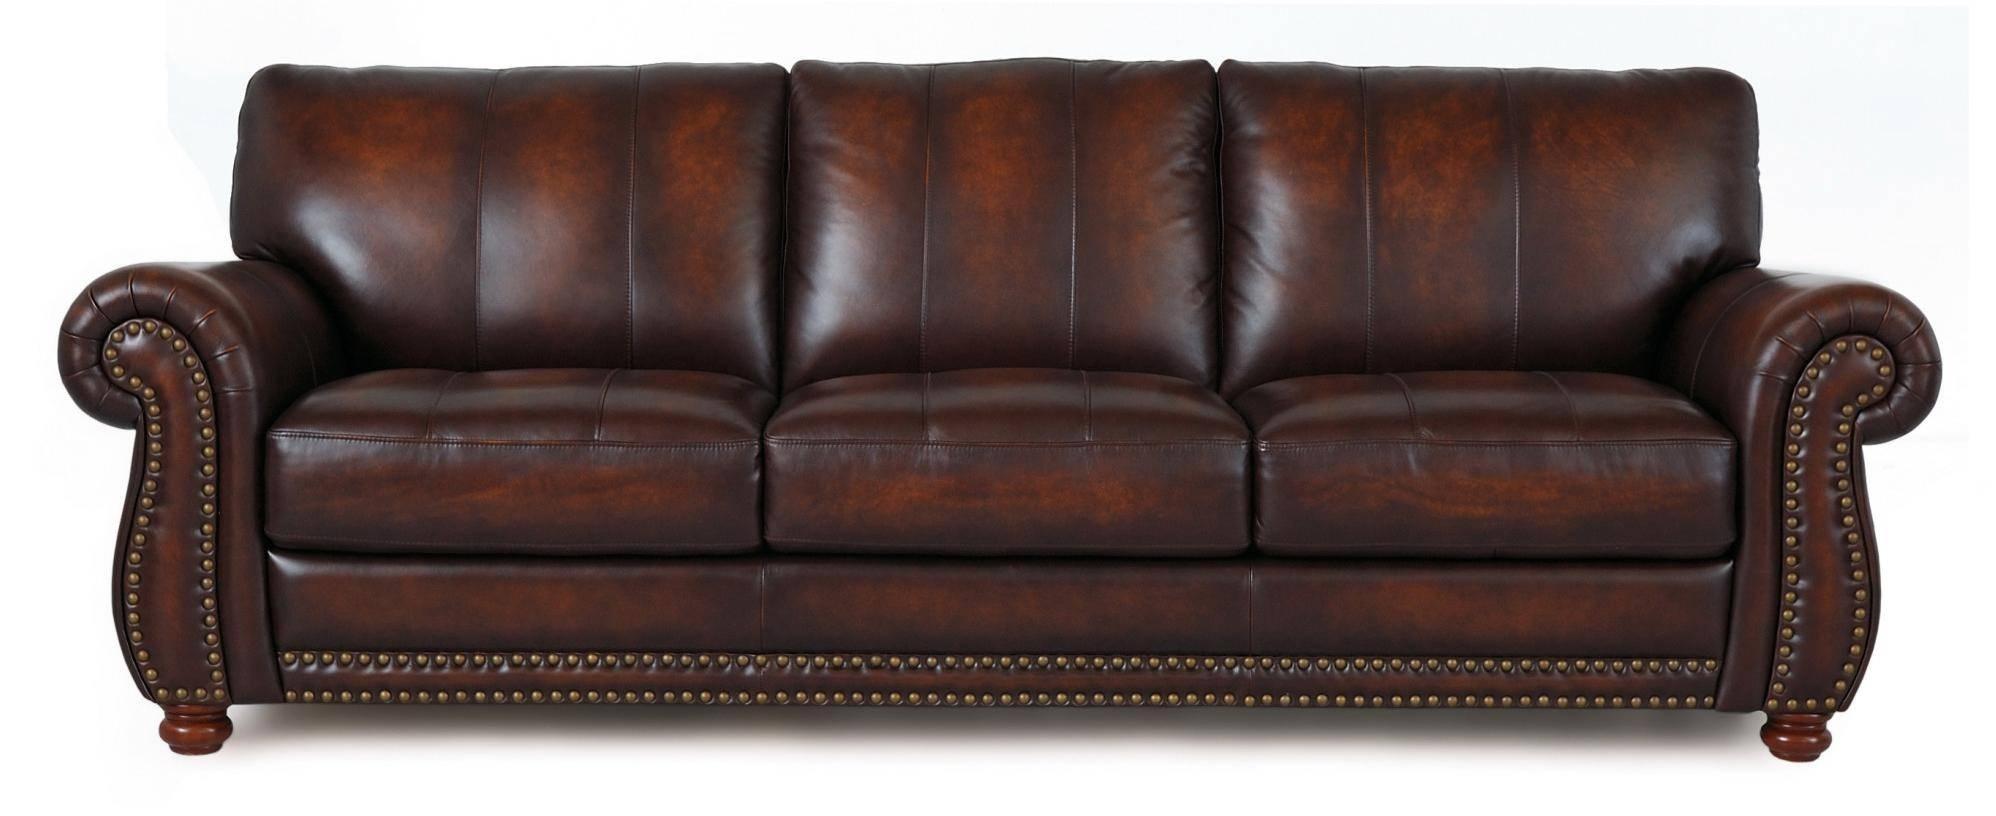 Futura Leather Futura Leather Traditional Leather Sofa With throughout Traditional Leather Couch (Image 11 of 30)